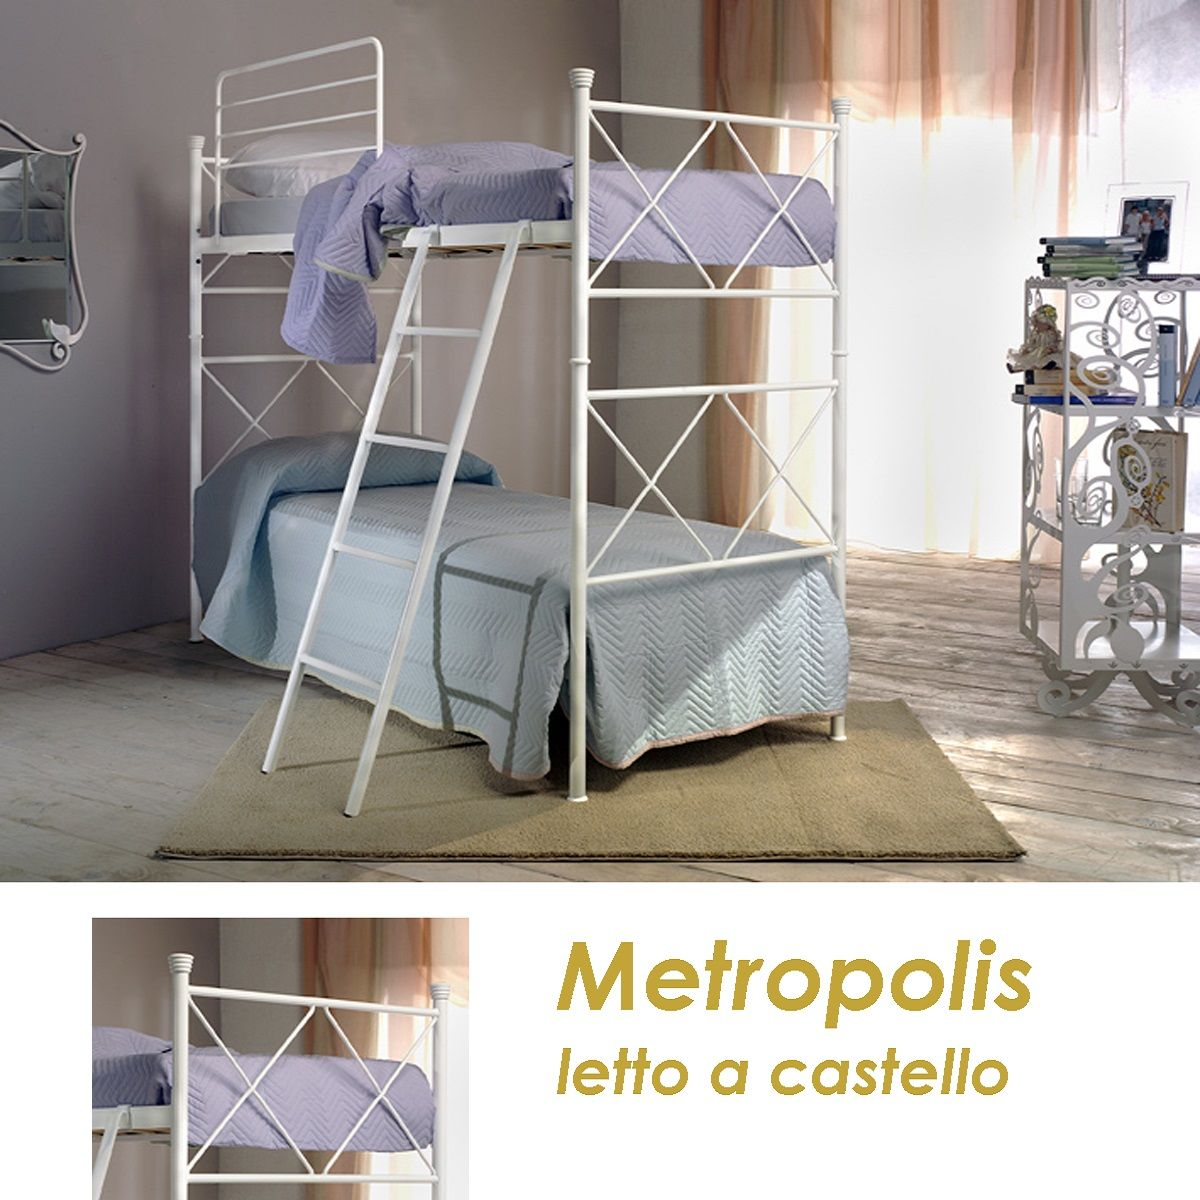 Letto castello Metropolis | Letti a castello, Letto ferro ...